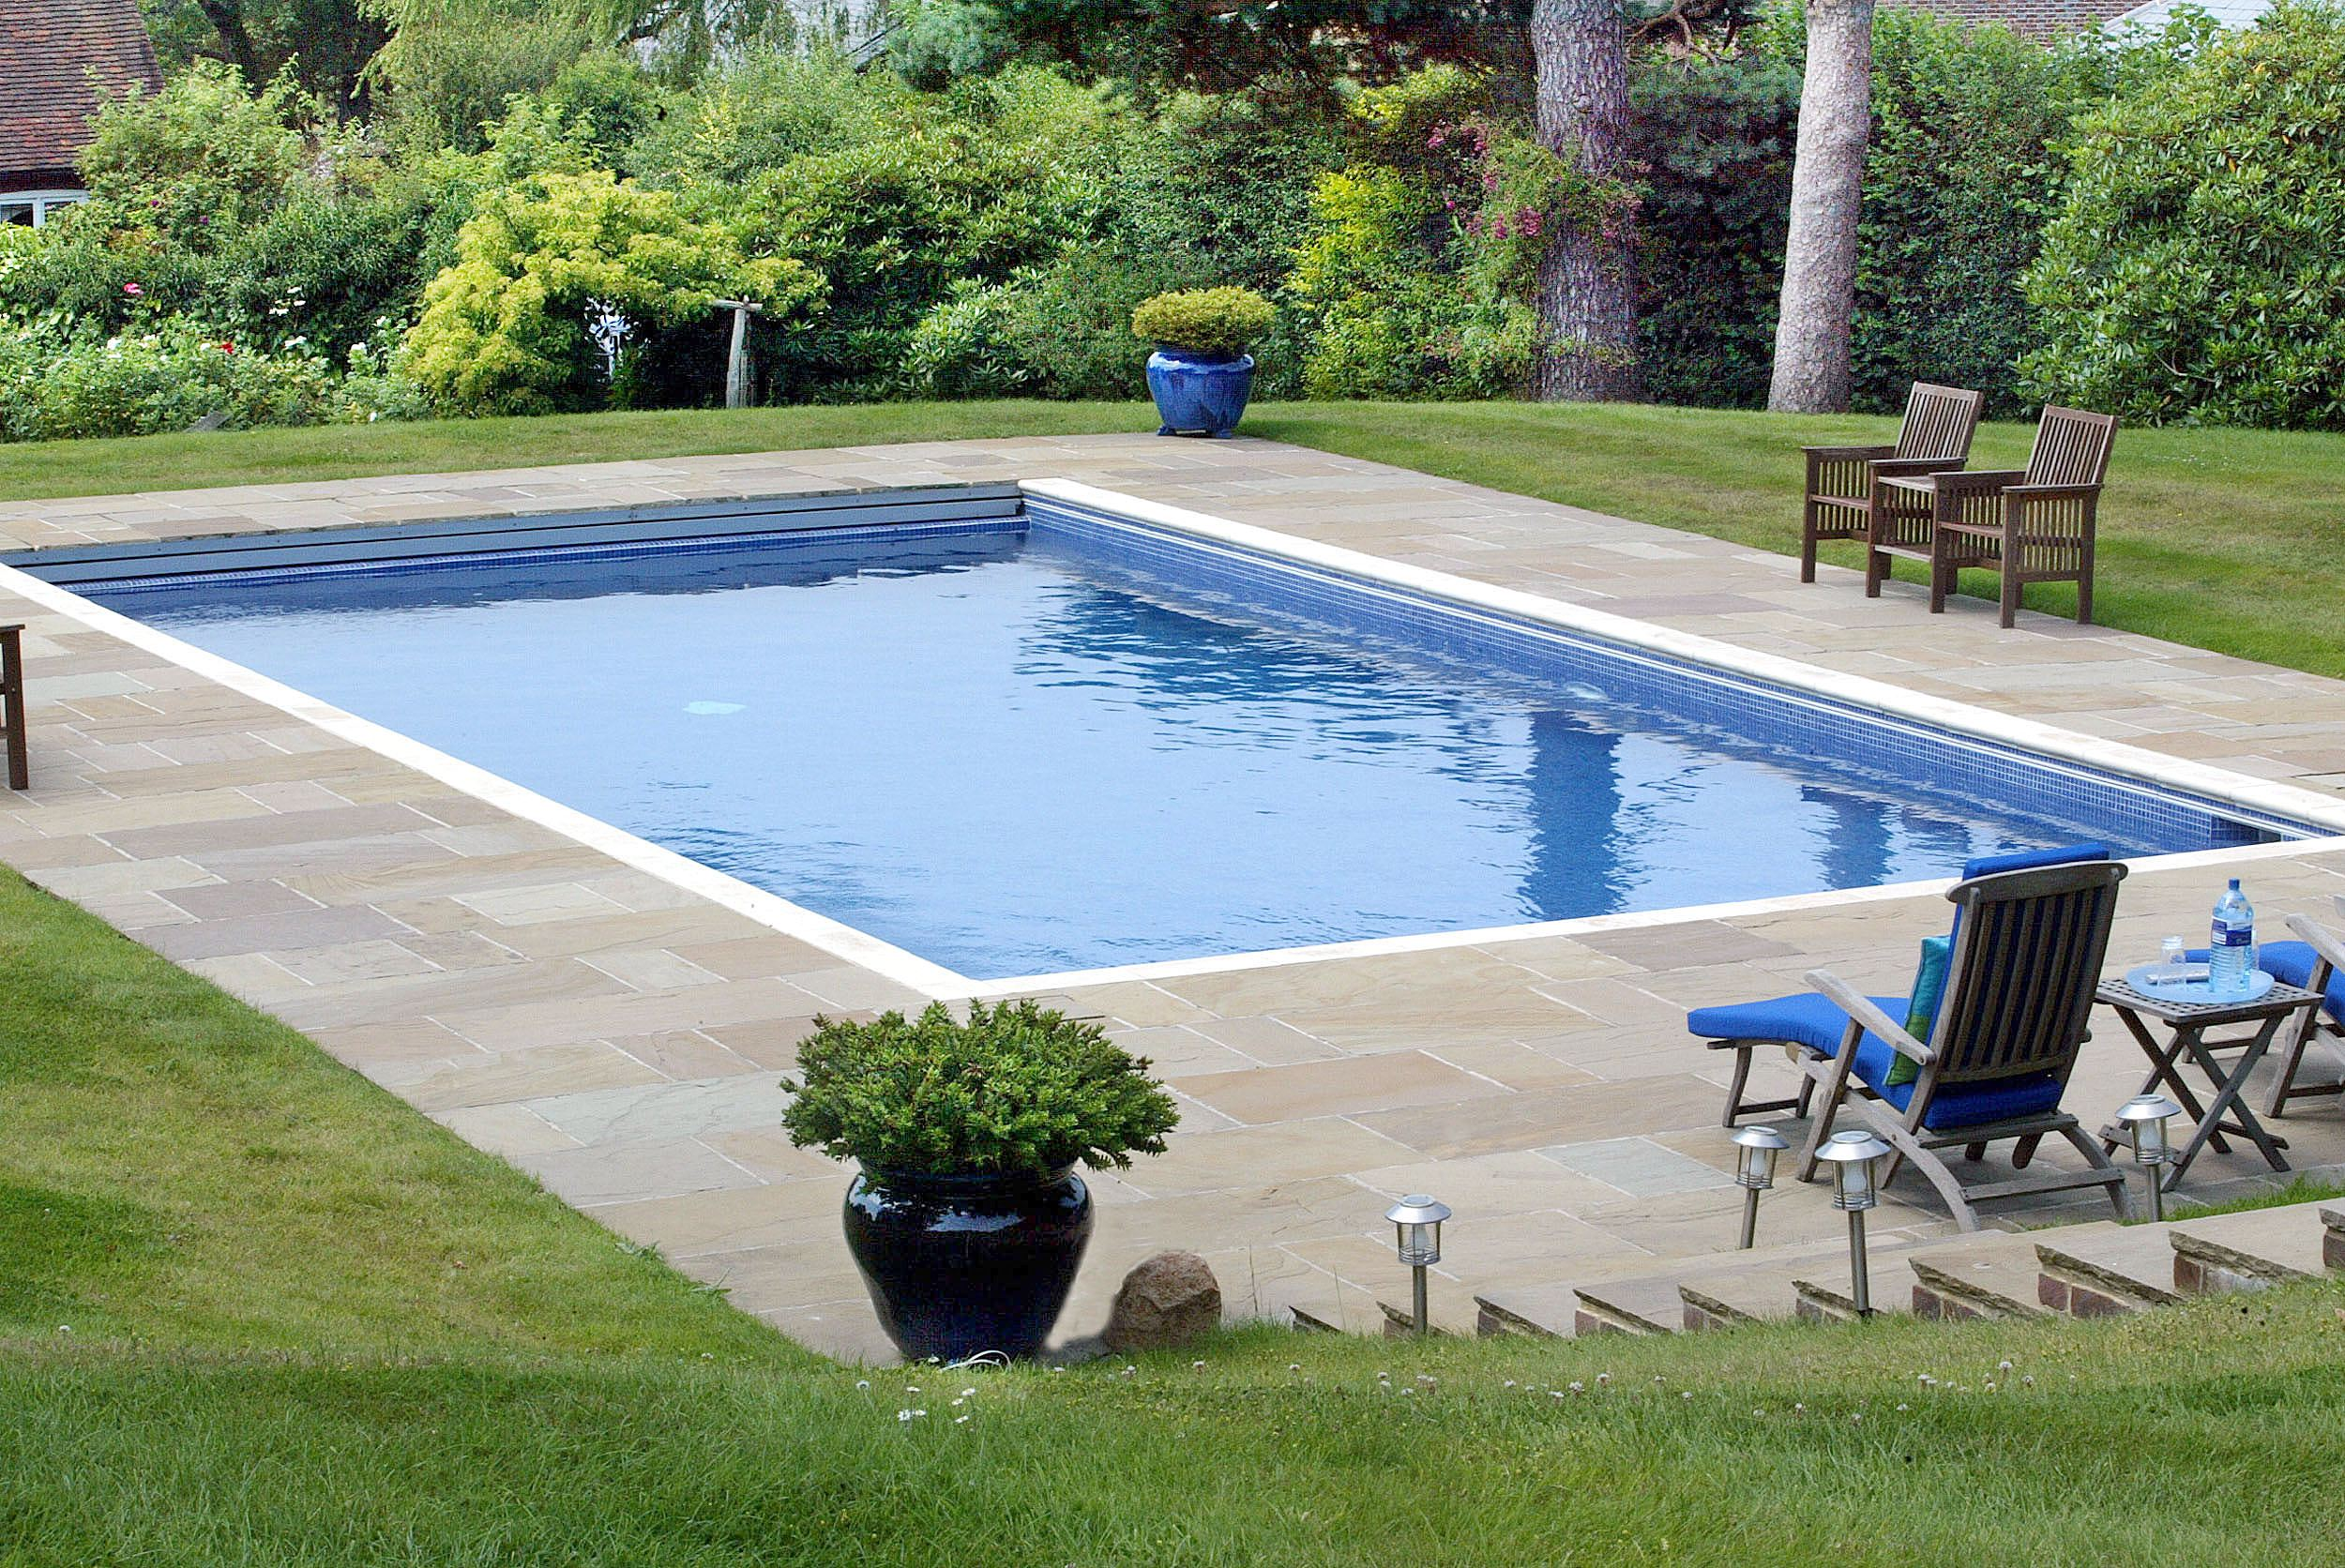 quelle piscine pour mon jardin sem jardin